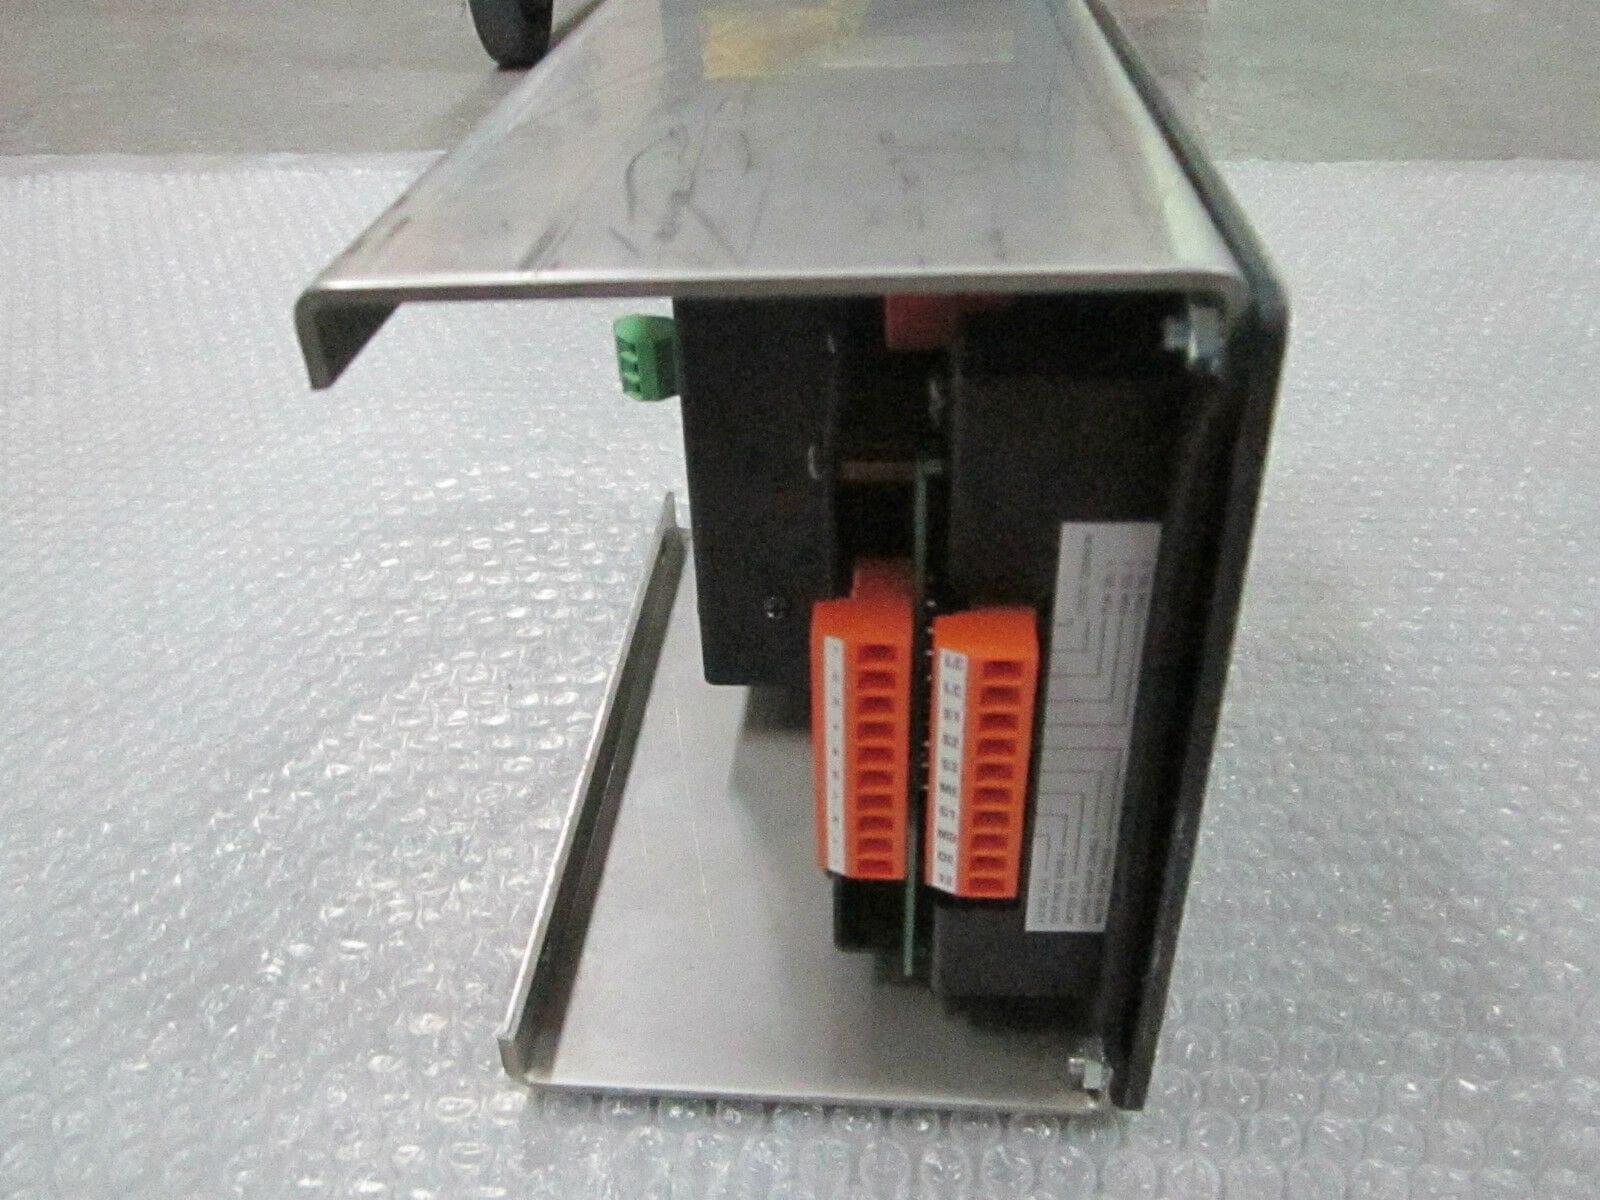 Frete Rápido * Electro Cam Series 5000 Interruptor de limite programável PS-5111-10-P08